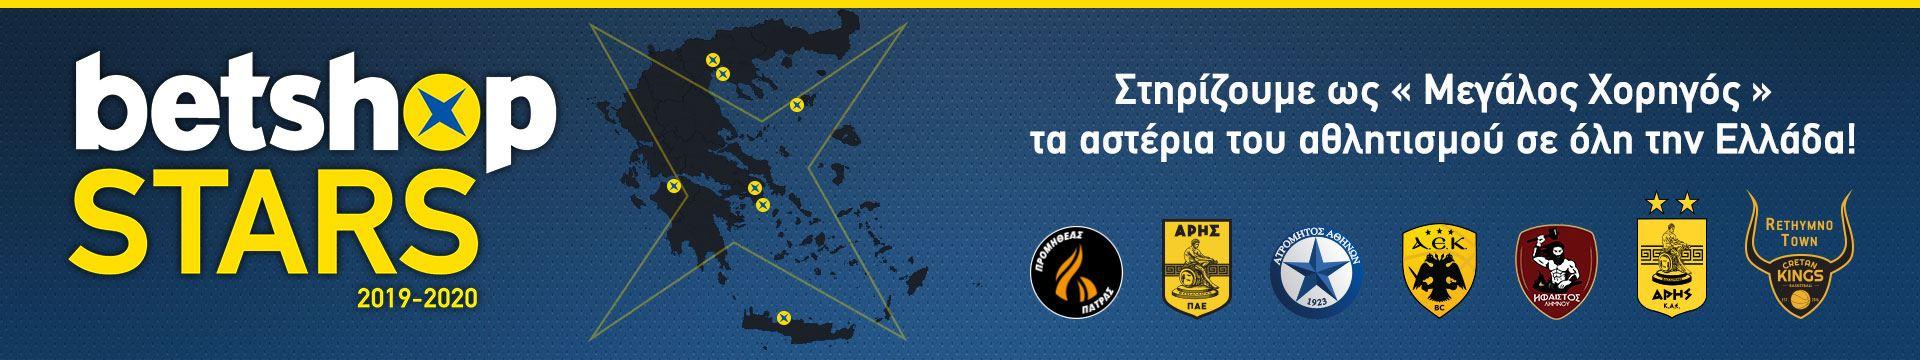 Στηρίζουμε ως «Μεγάλος Χορηγός» τα αστέρια του αθλητισμού σε όλη την Ελλάδα!